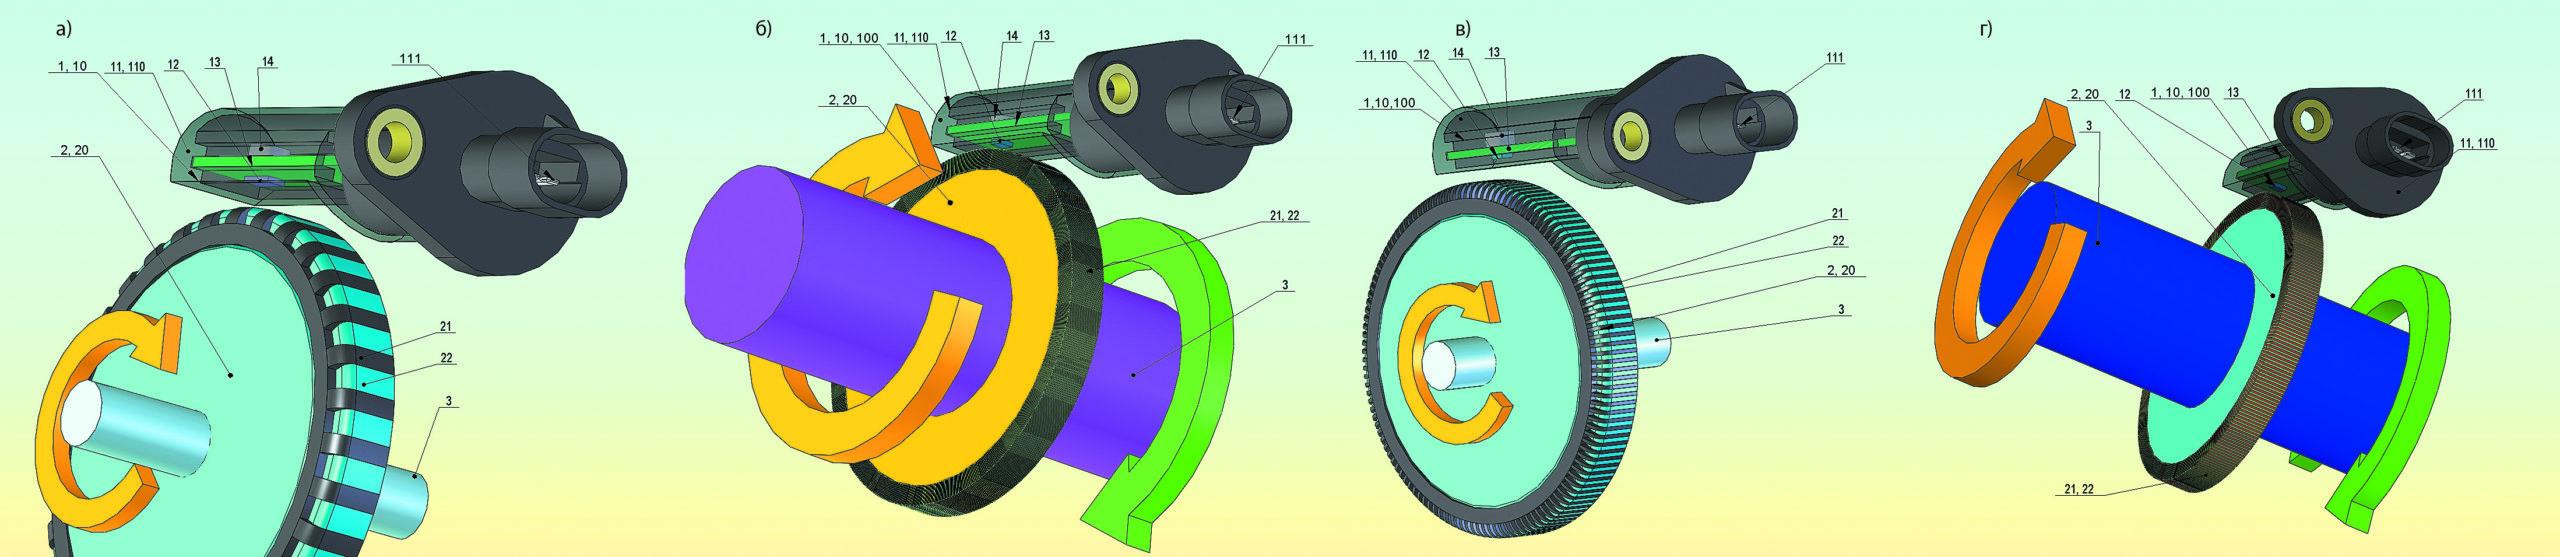 Измерительная система датчика скорости автомобиля с использованием компонентной базы на основе ТМР-эффекта